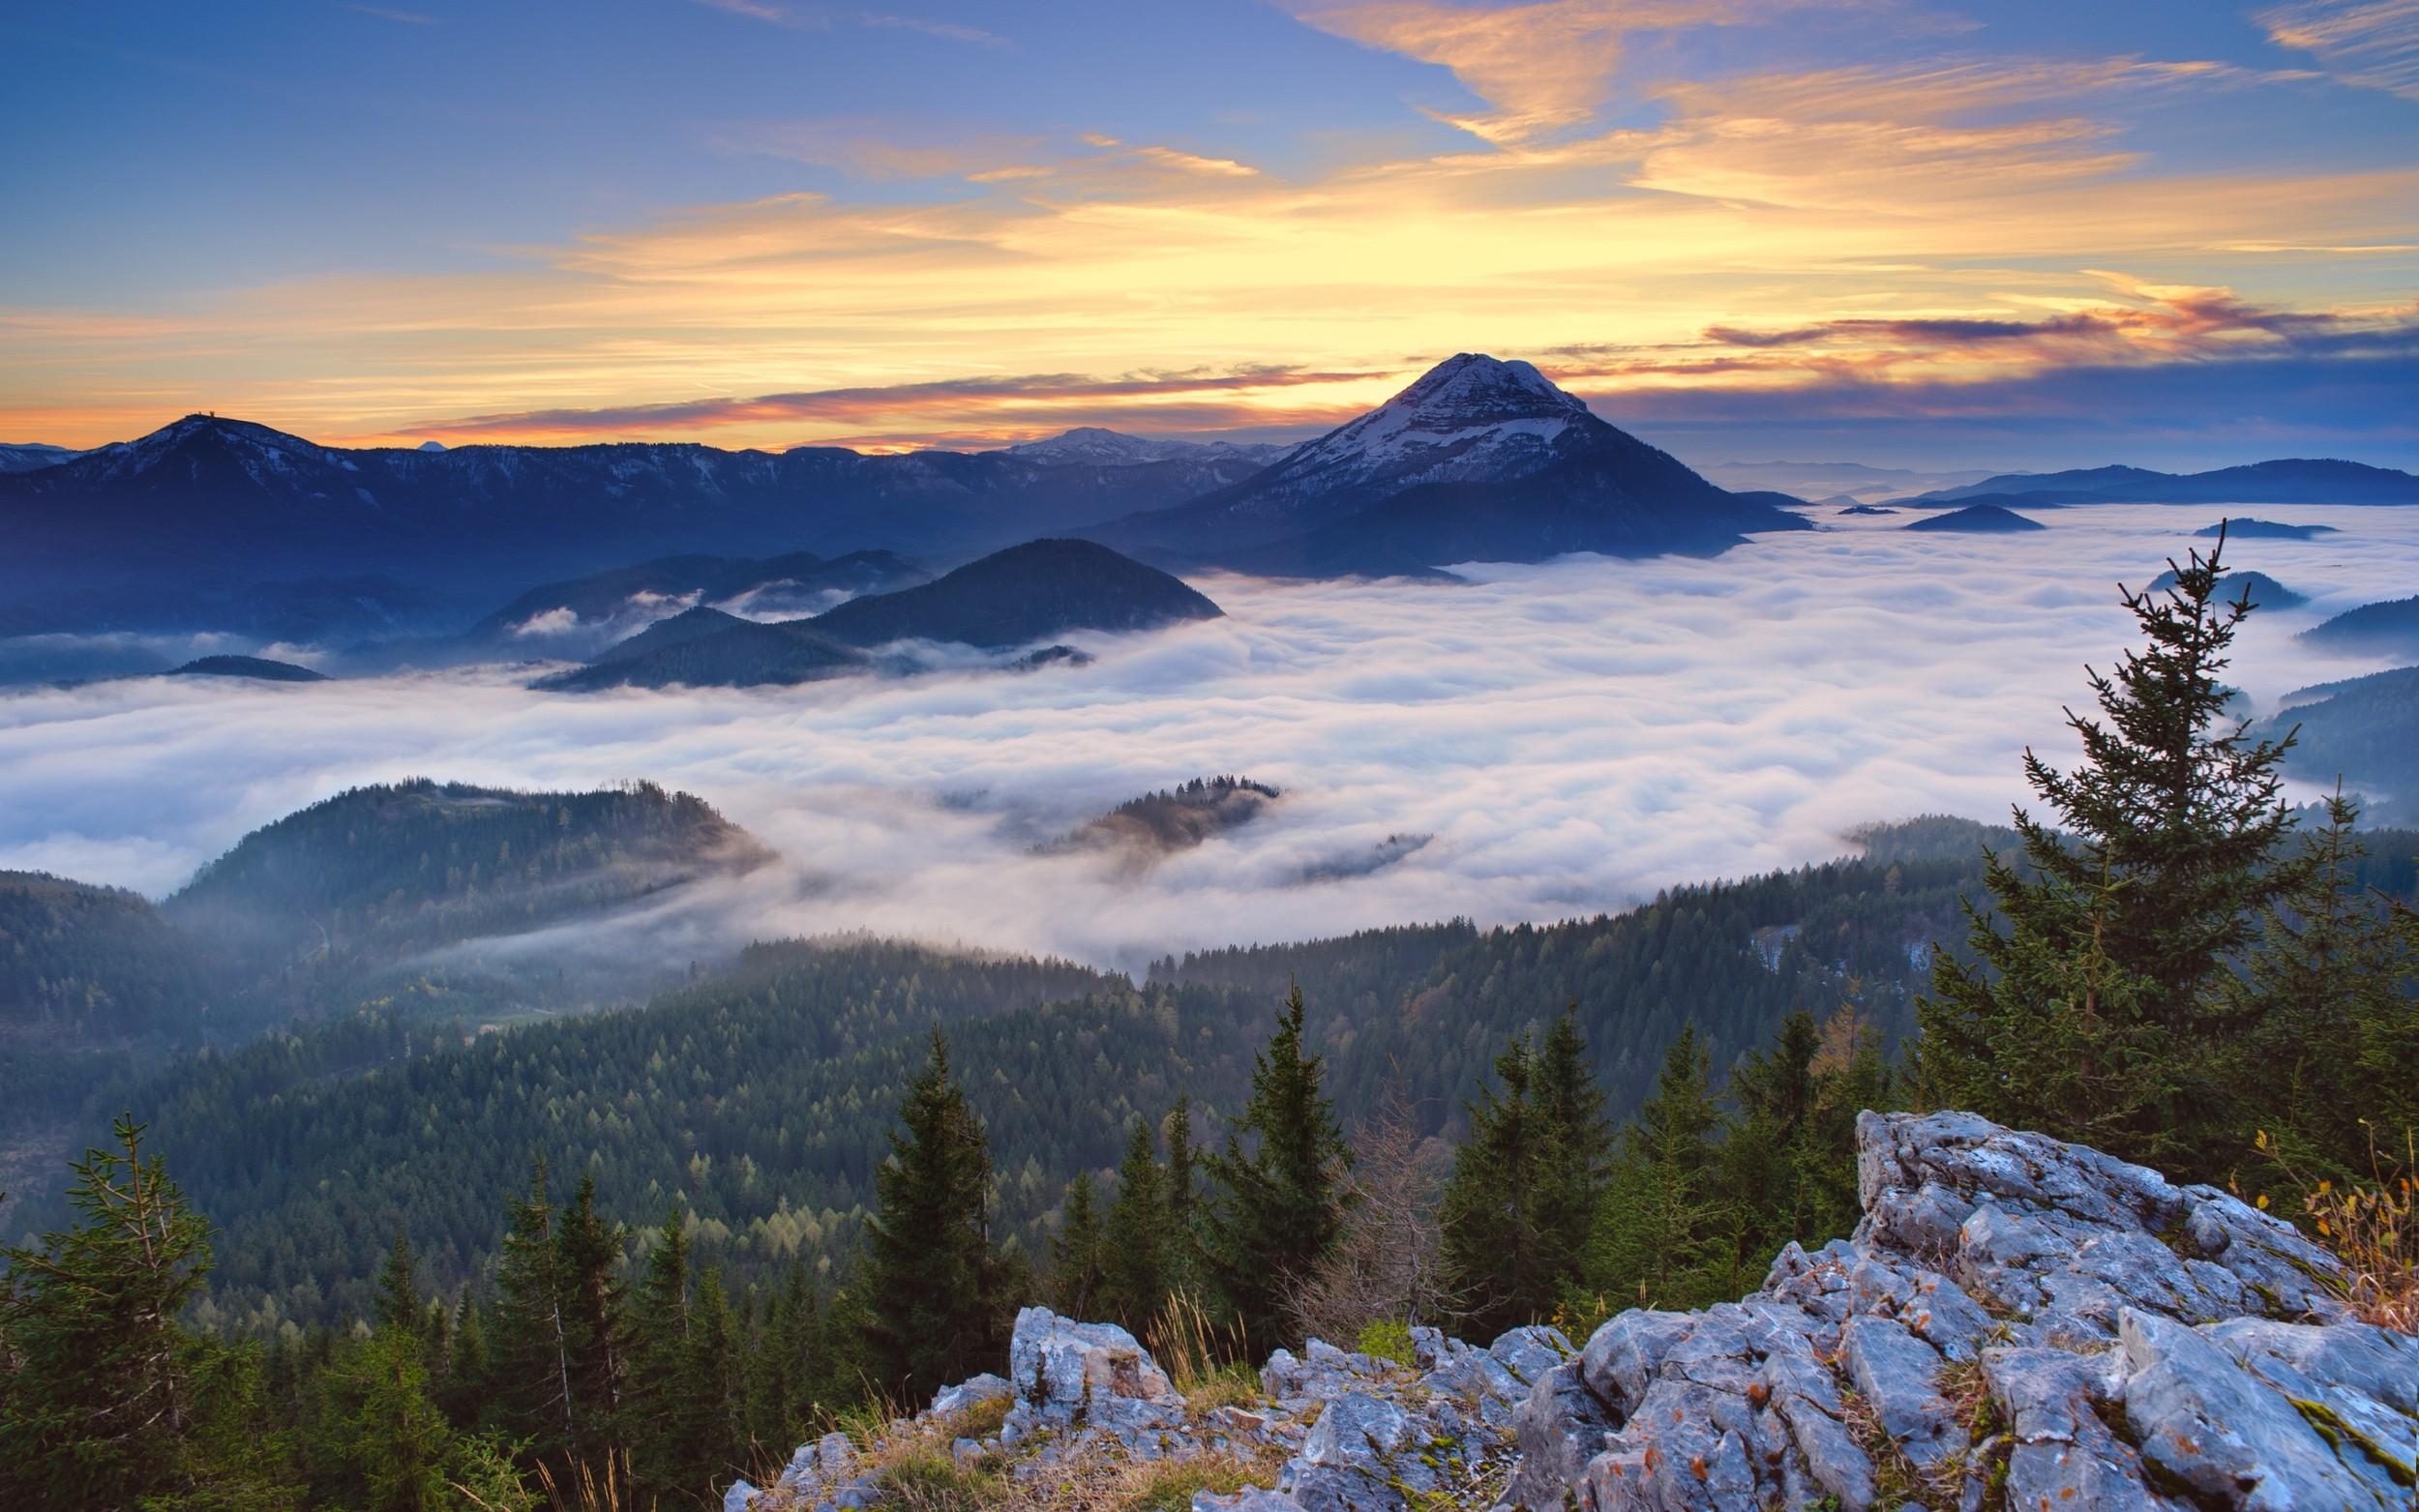 Fondo Escritorio Picos Montañas Nevadas: Fondos De Pantalla : Paisaje, Bosque, Montañas, Lago